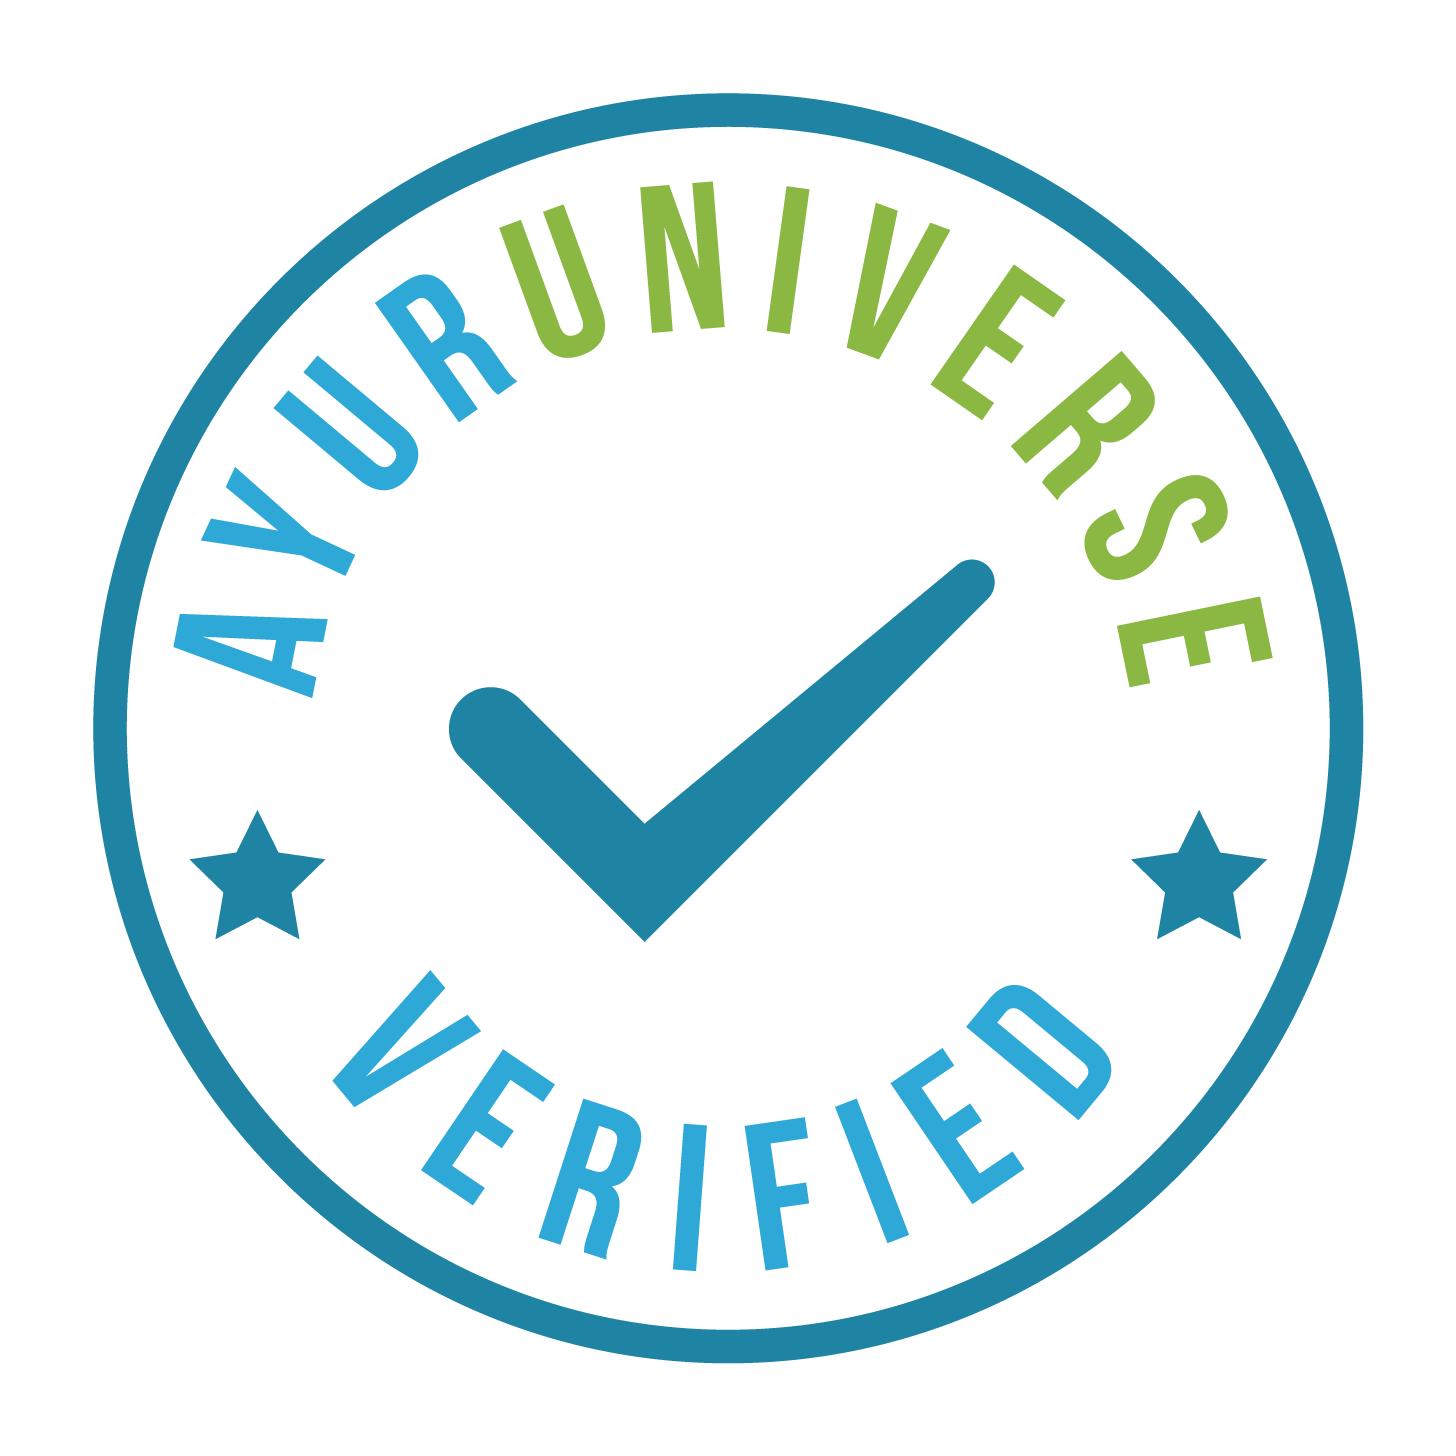 AU Verified Sticker